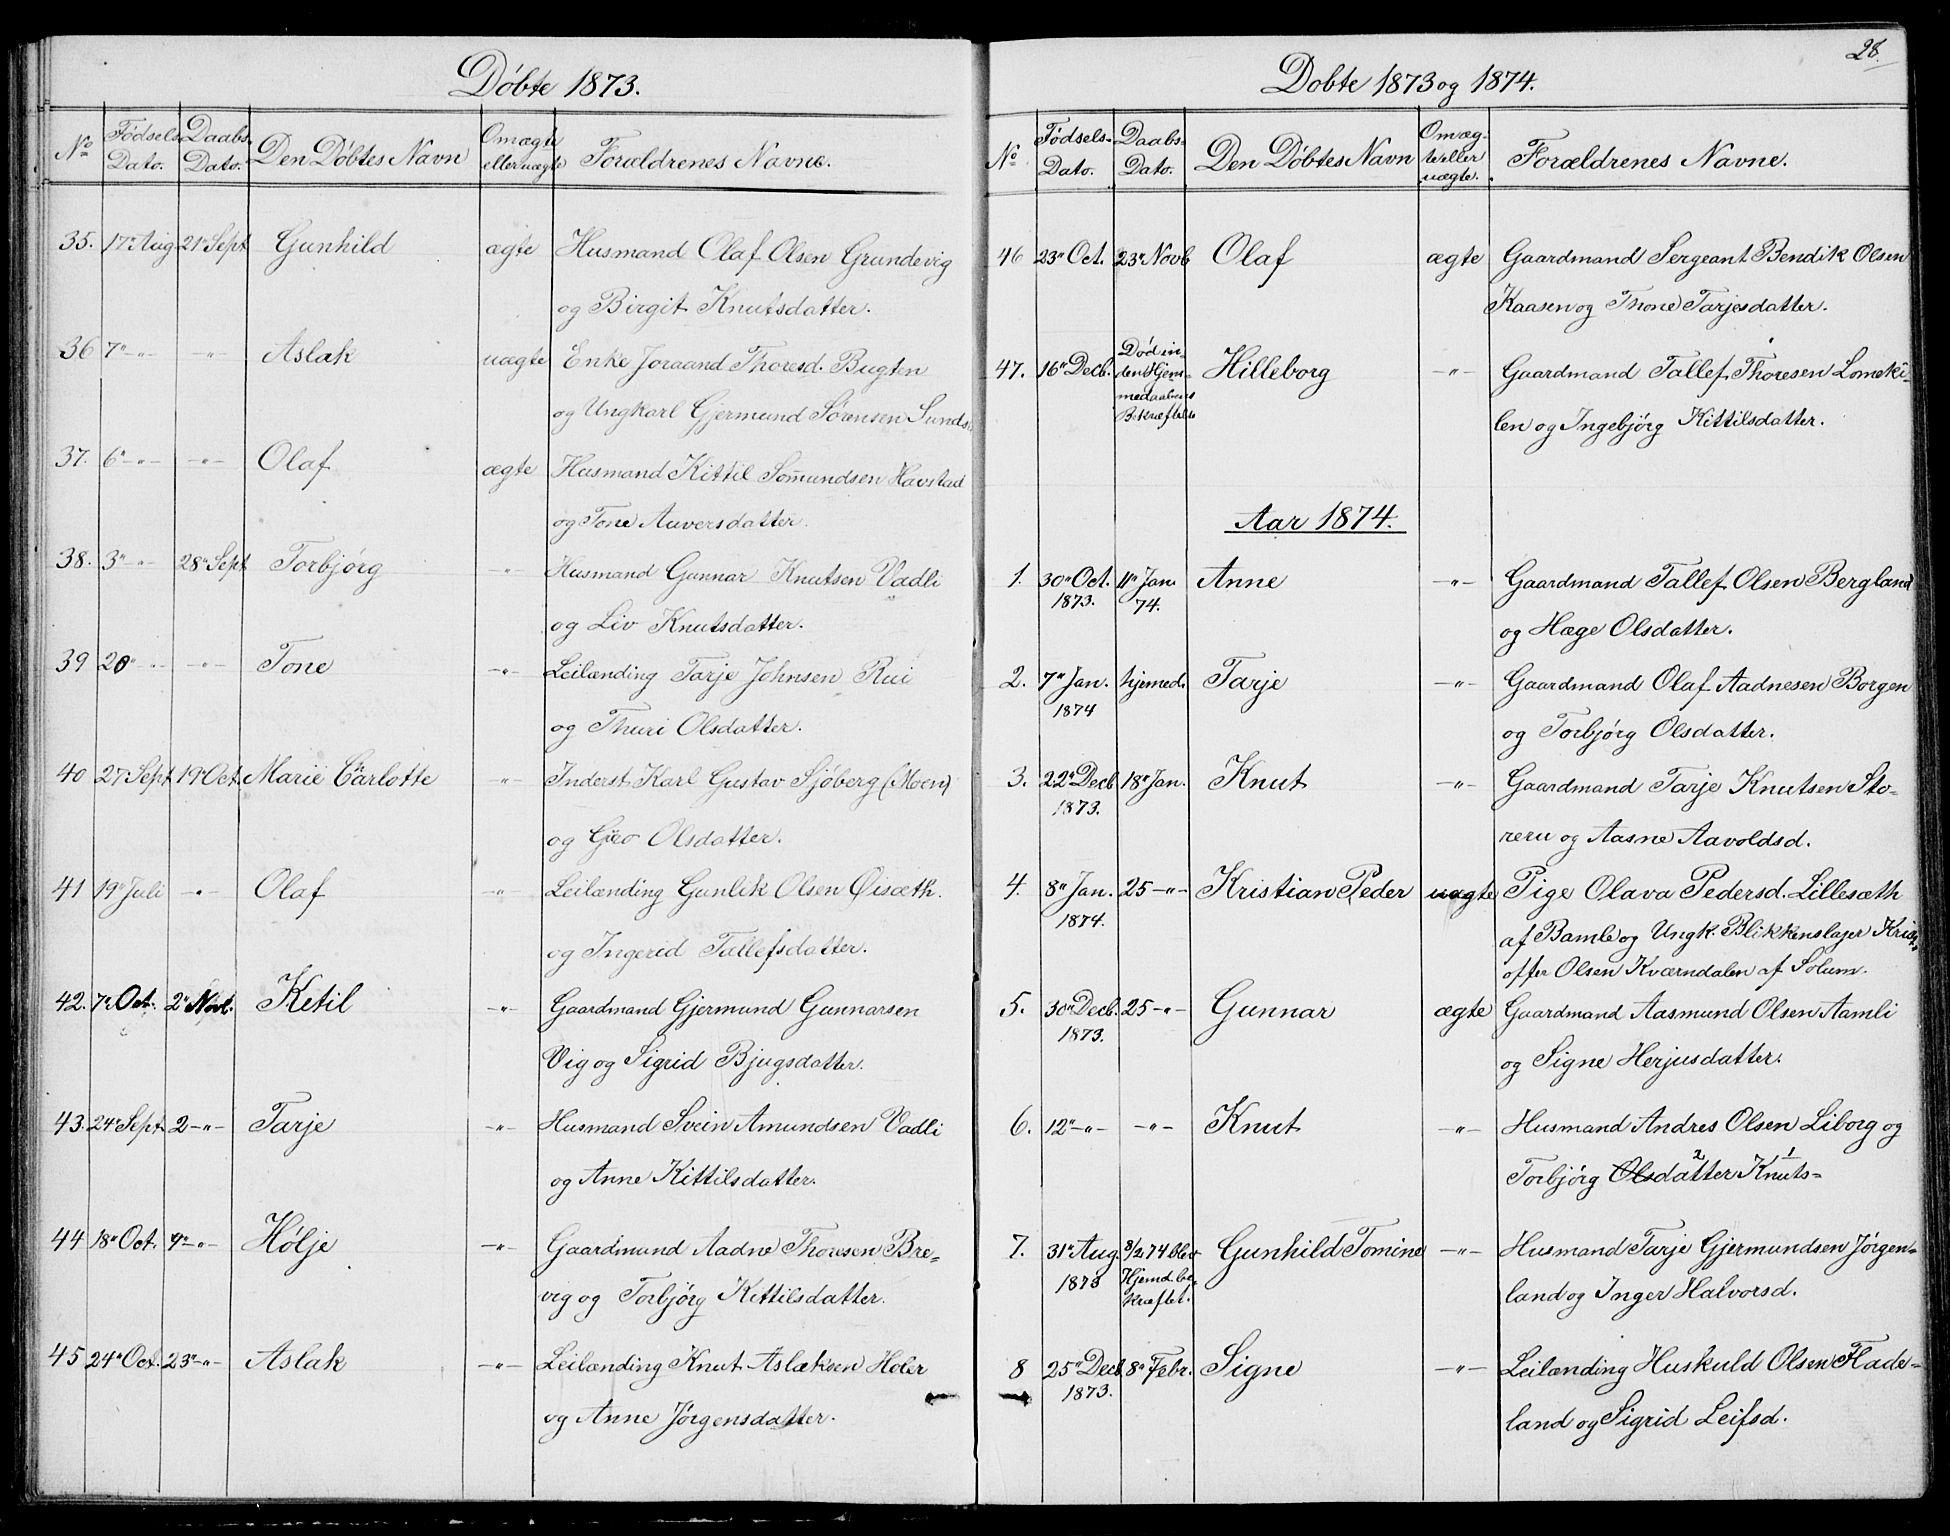 SAKO, Fyresdal kirkebøker, G/Ga/L0004: Klokkerbok nr. I 4, 1864-1892, s. 28